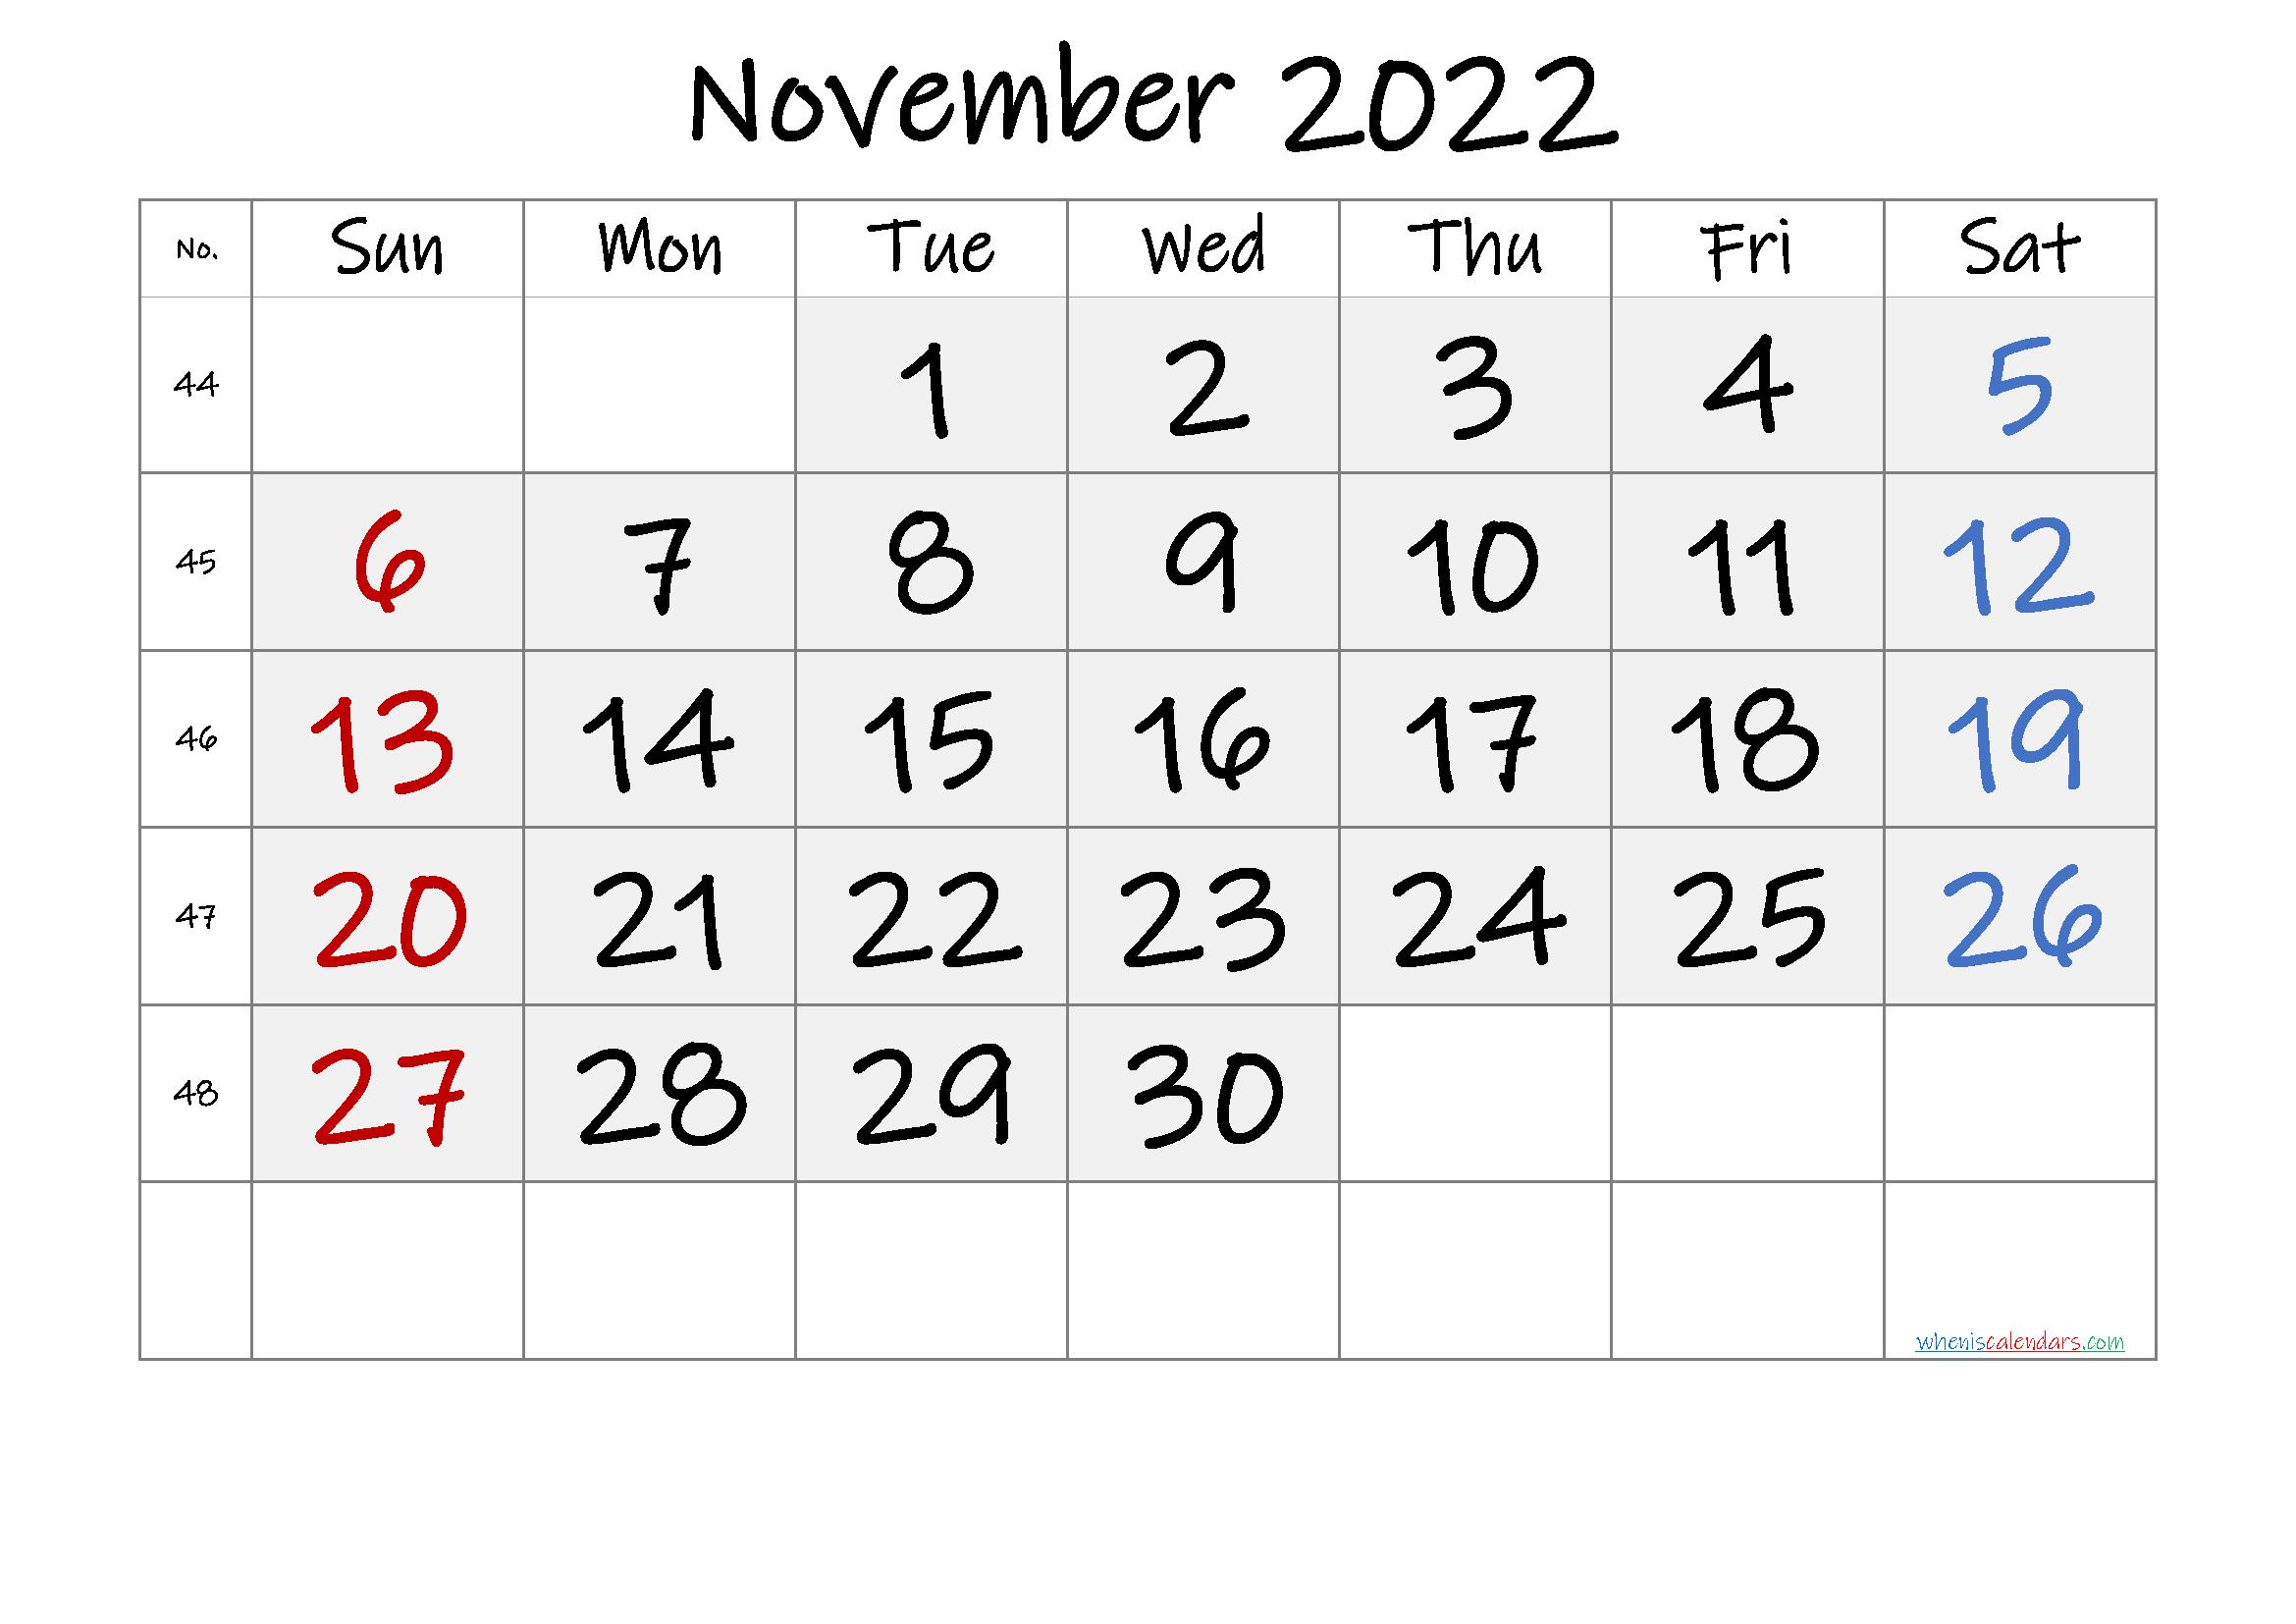 Free Printable November 2022 Calendar with Week Numbers